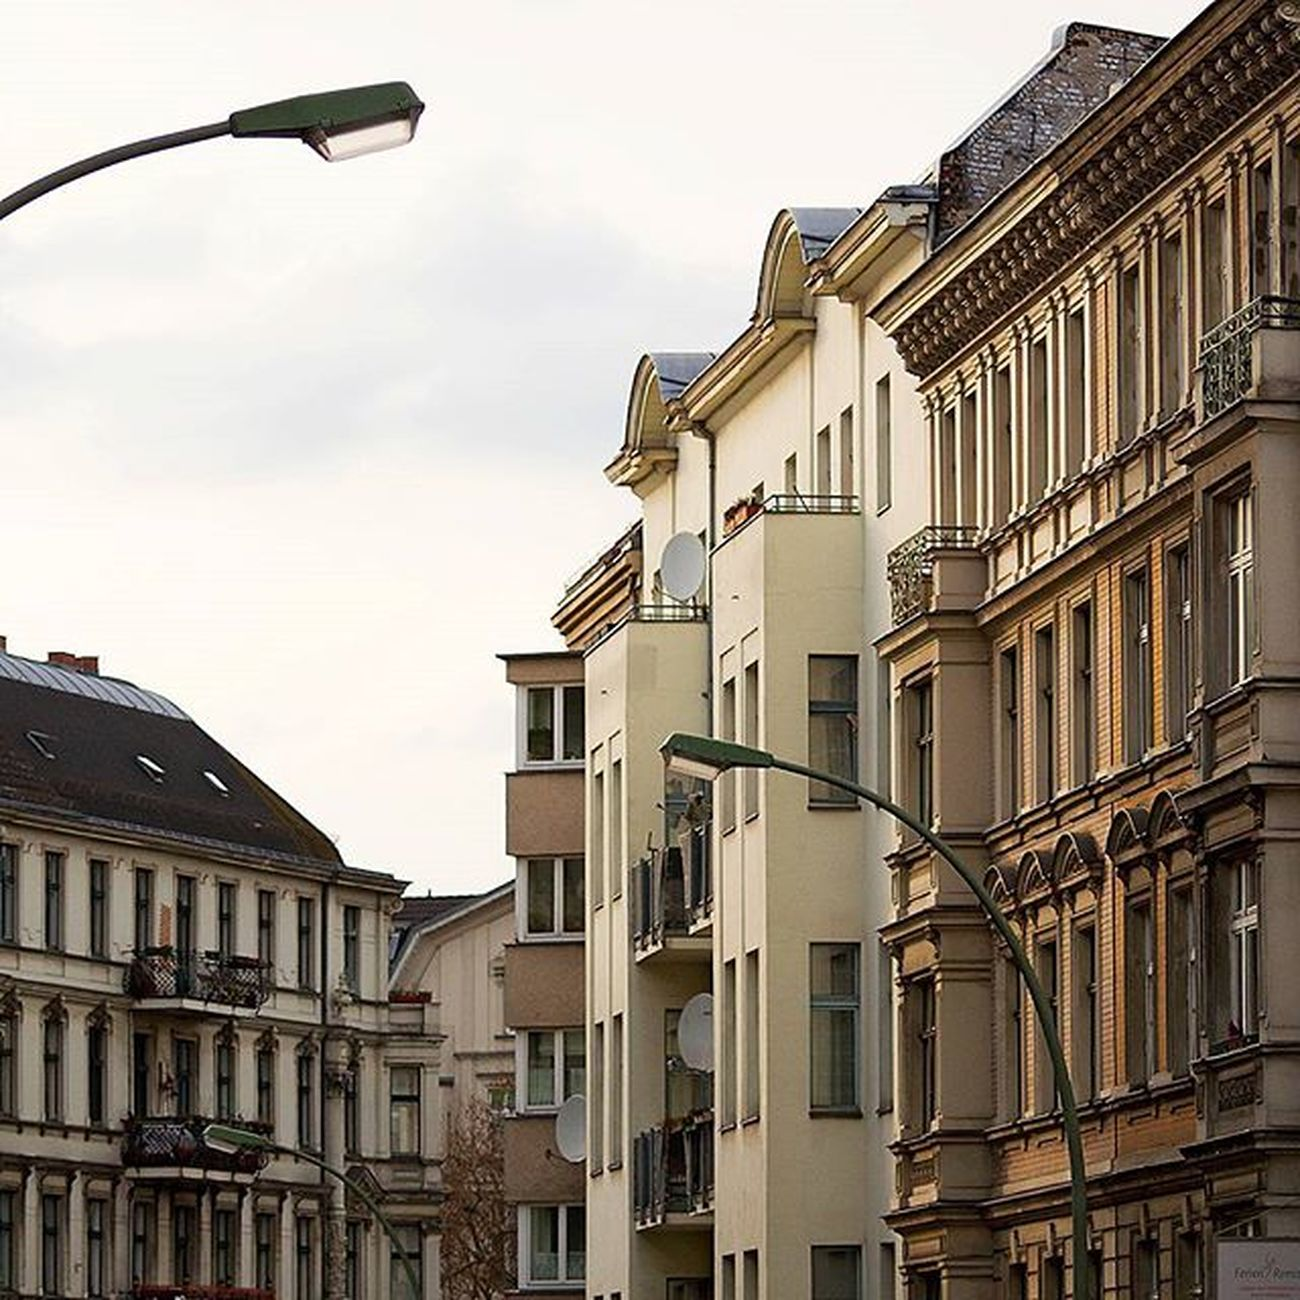 Berlin Berlinschöneberg Schöneberg Kolonnenstrasse Kaiserwilhelmplatz Streetsofberlin